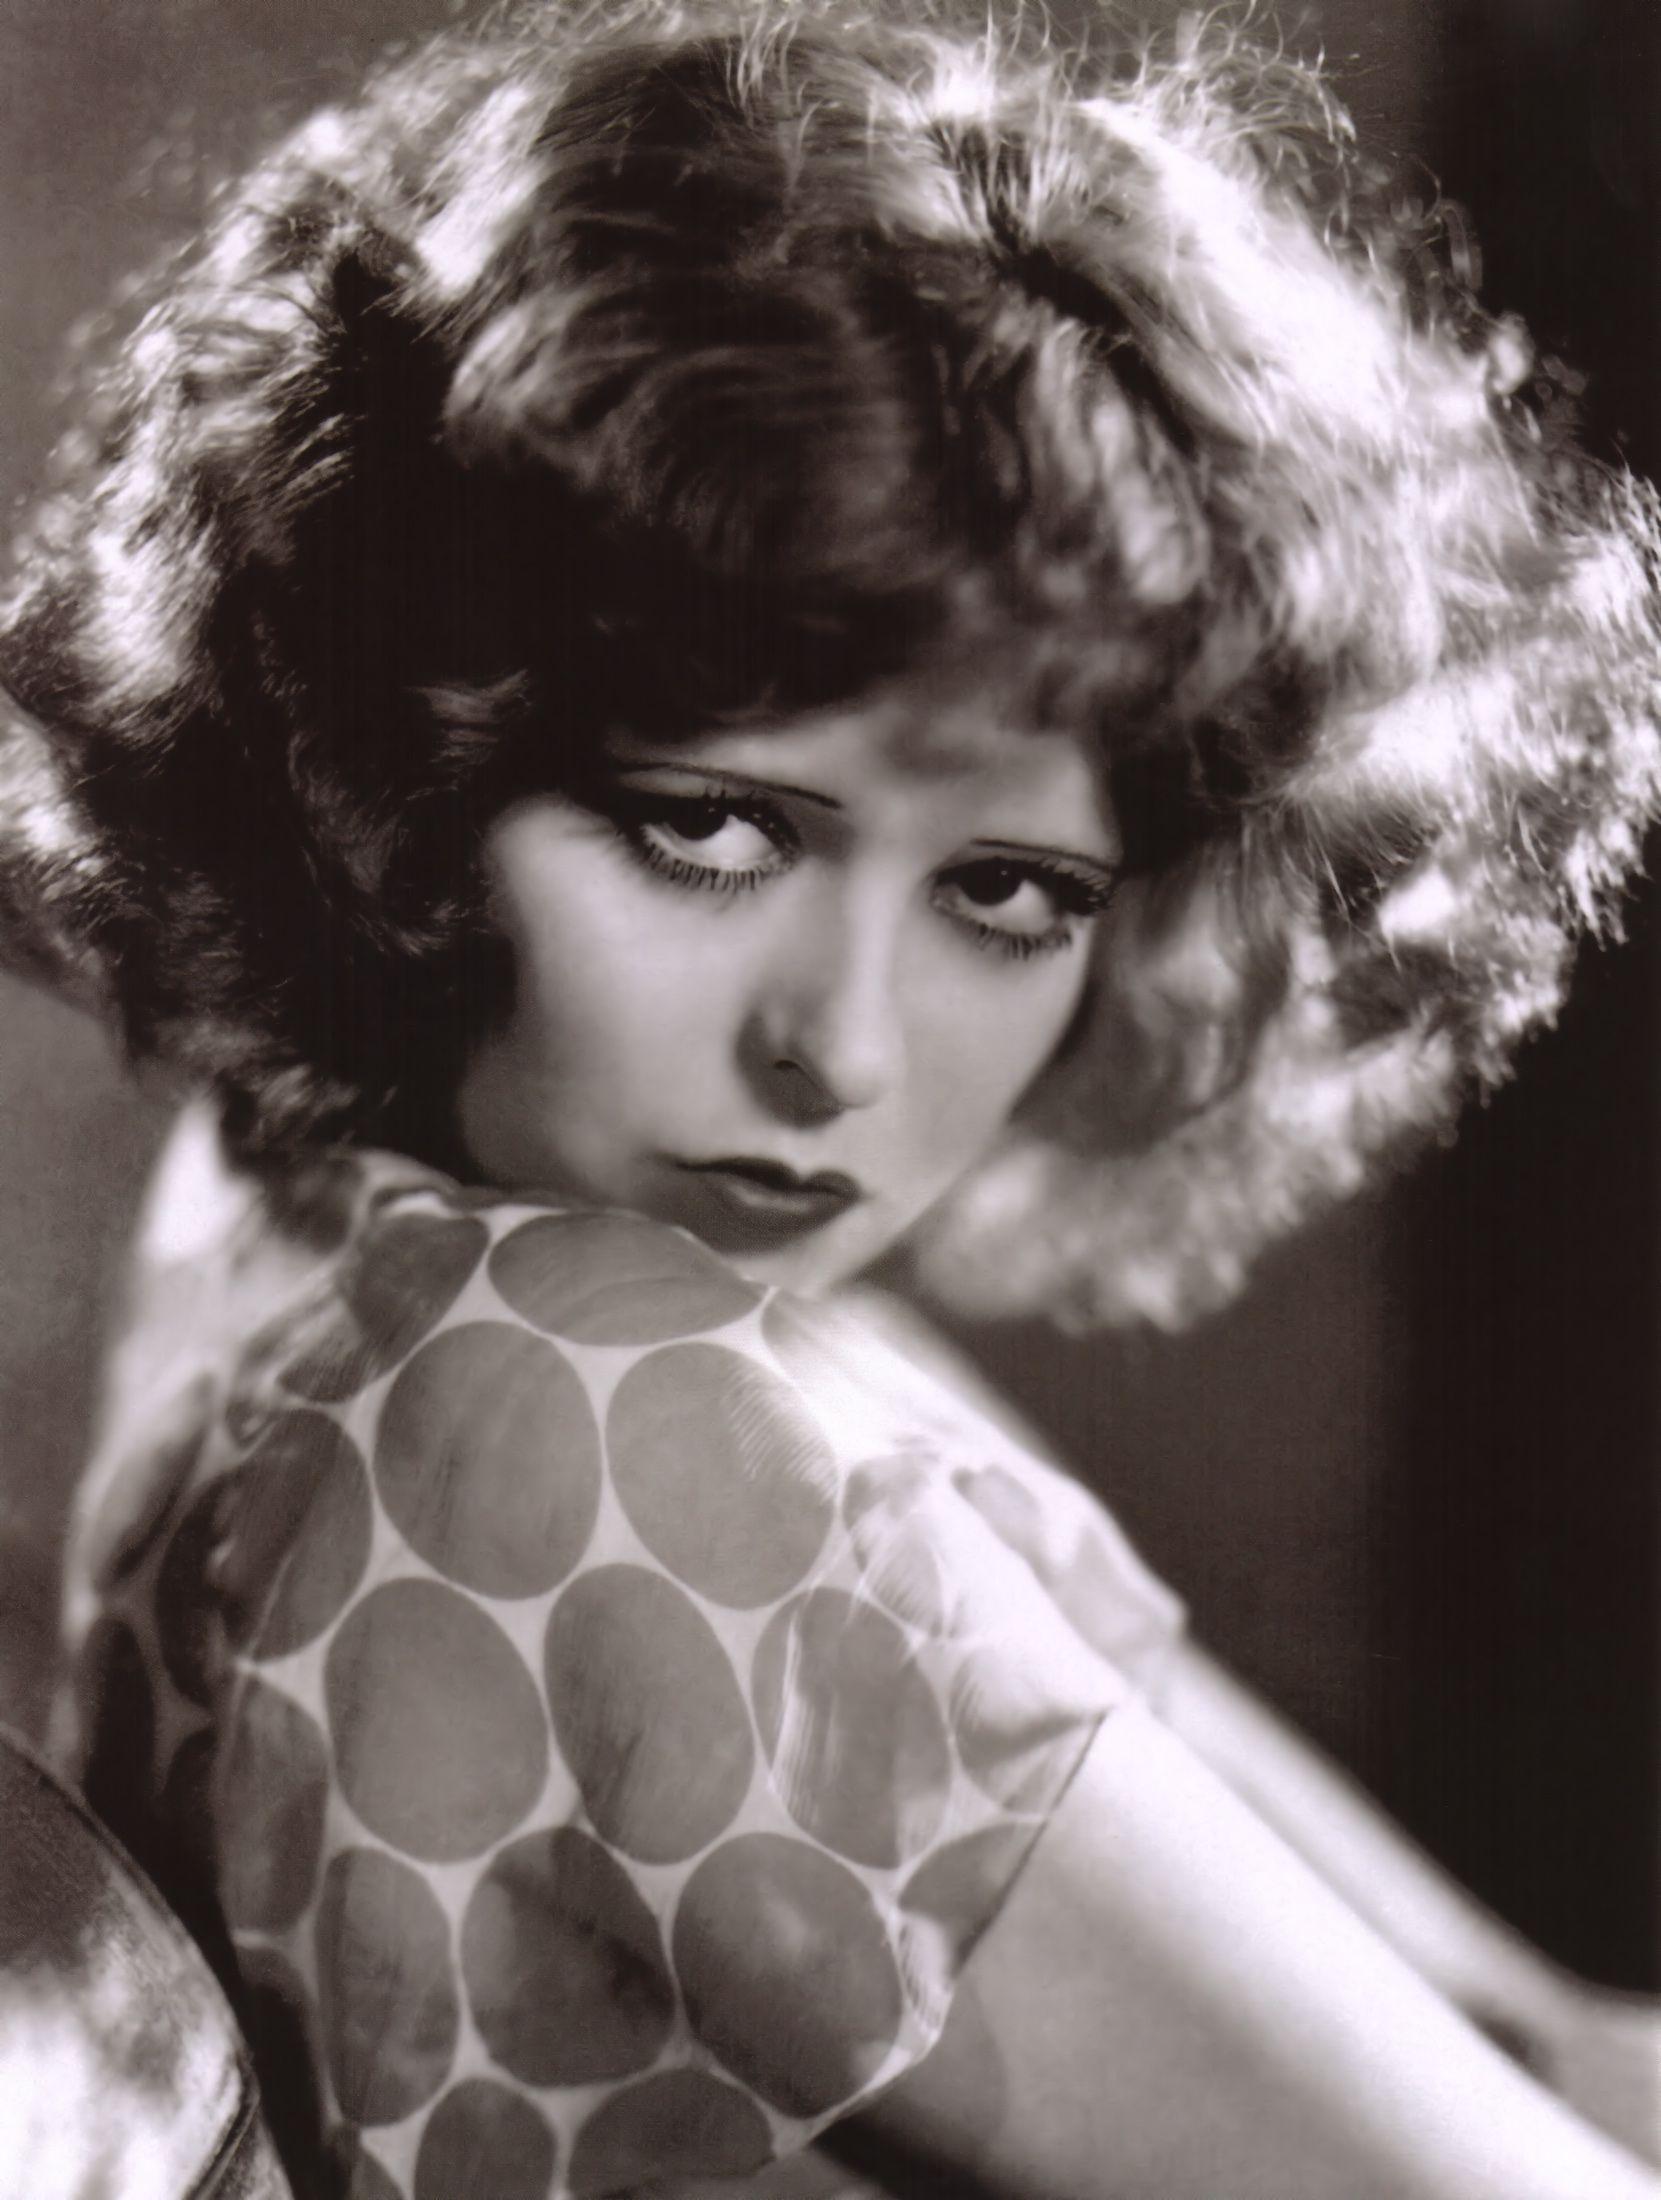 Clara Gordon Bow fue una actriz estadounidense, conocida por su trabajo en el cine mudo en los años 20